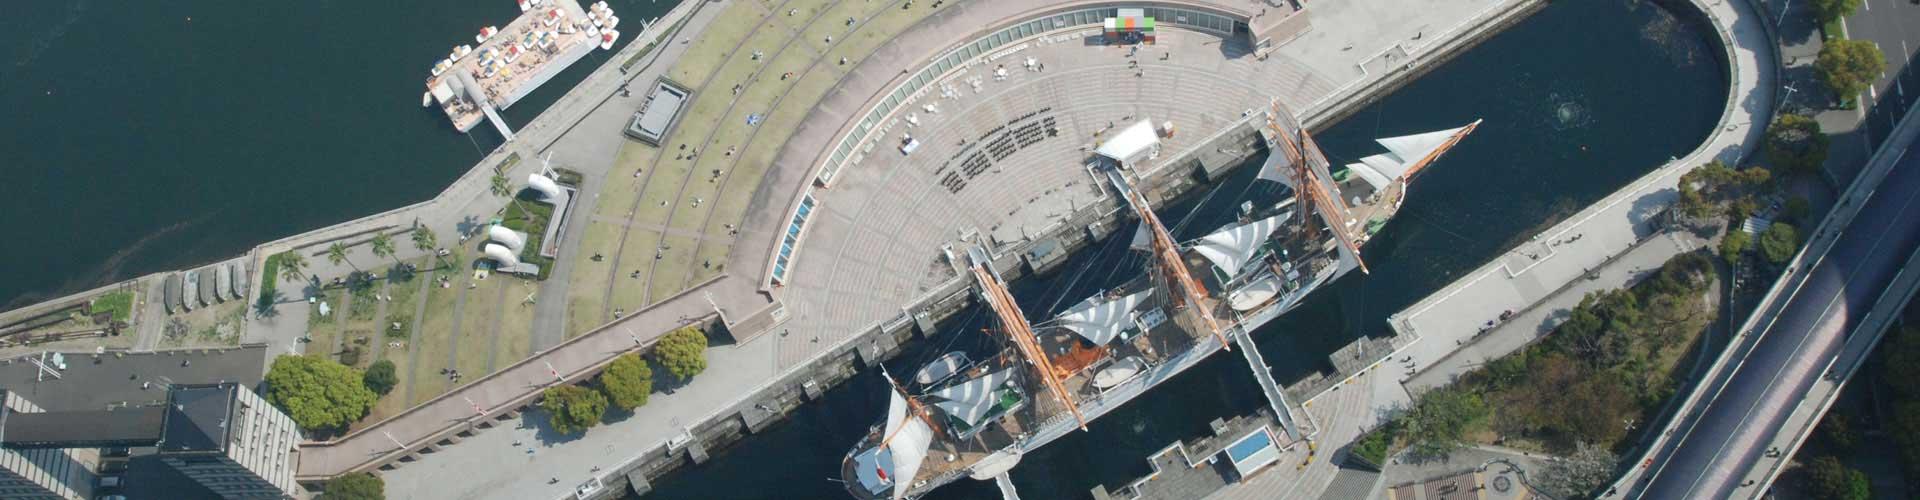 日本丸メモリアルパーク上空からの全体写真